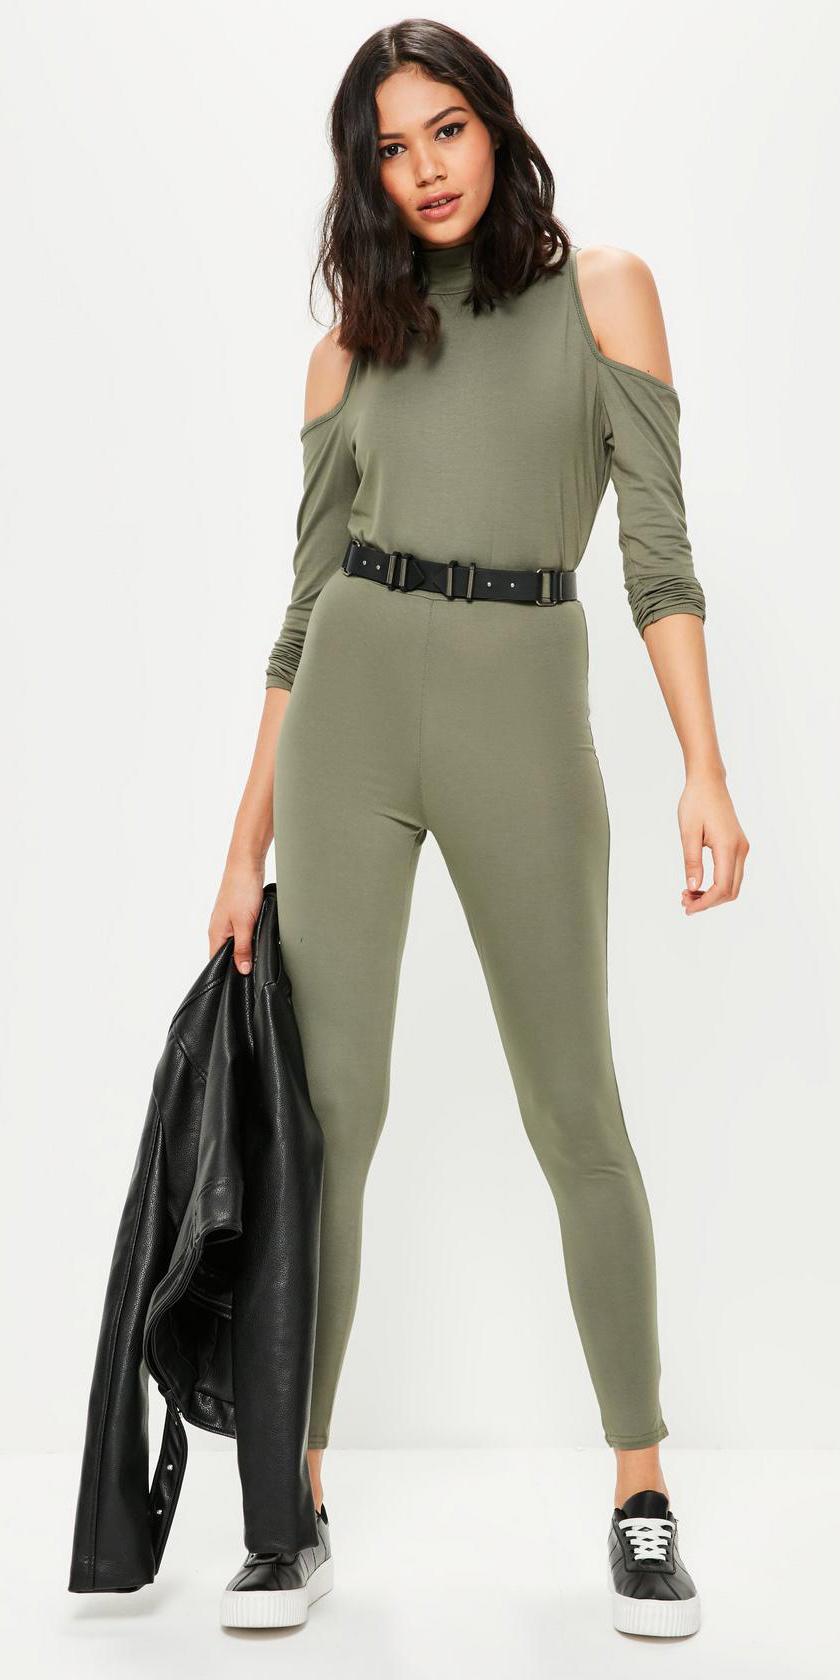 green-olive-jumpsuit-black-jacket-moto-black-shoe-sneakers-belt-lob-howtowear-fall-winter-brun-weekend.jpg